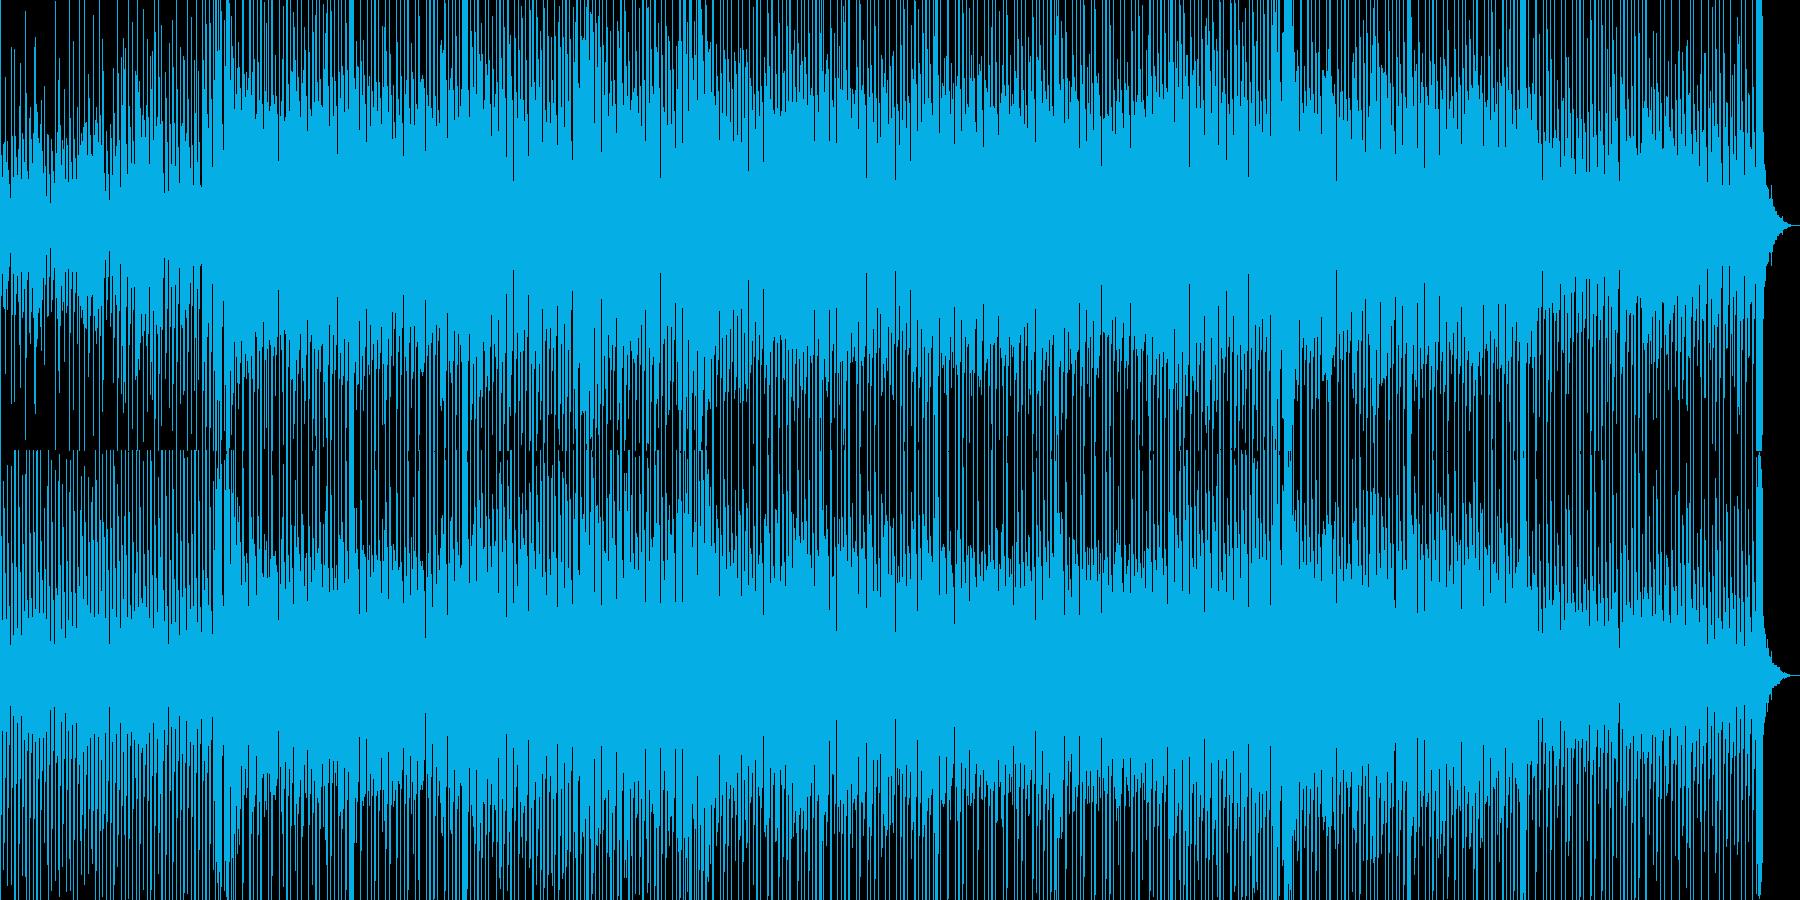 耳に残るリフが印象的なBGMの再生済みの波形